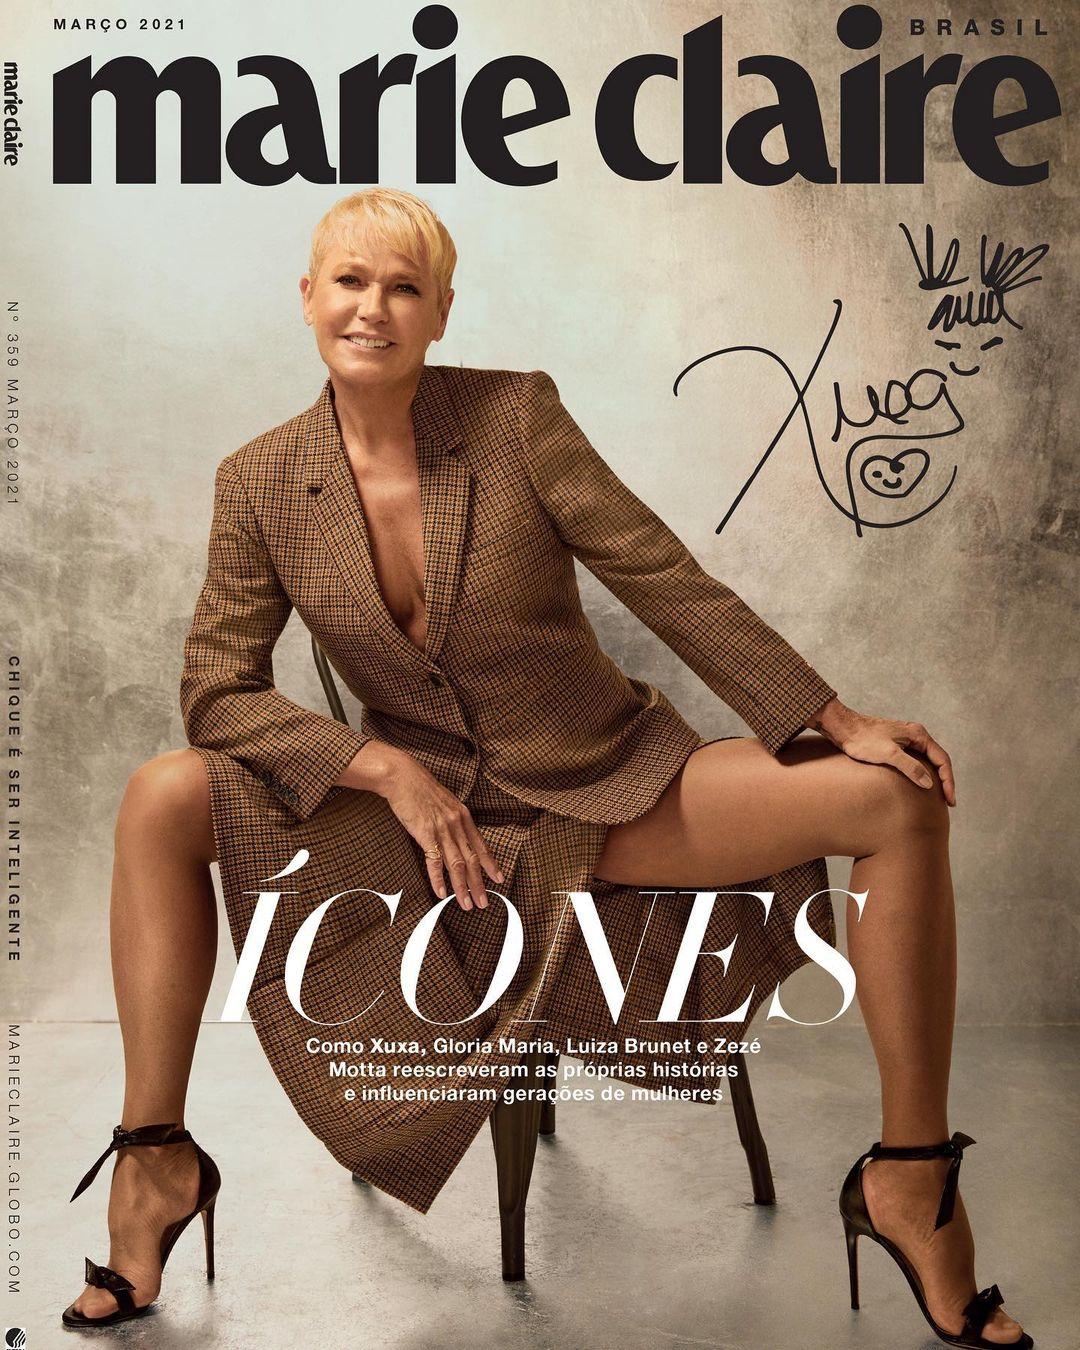 Xuxa na capa da revista Maria Claire - Março 2021.